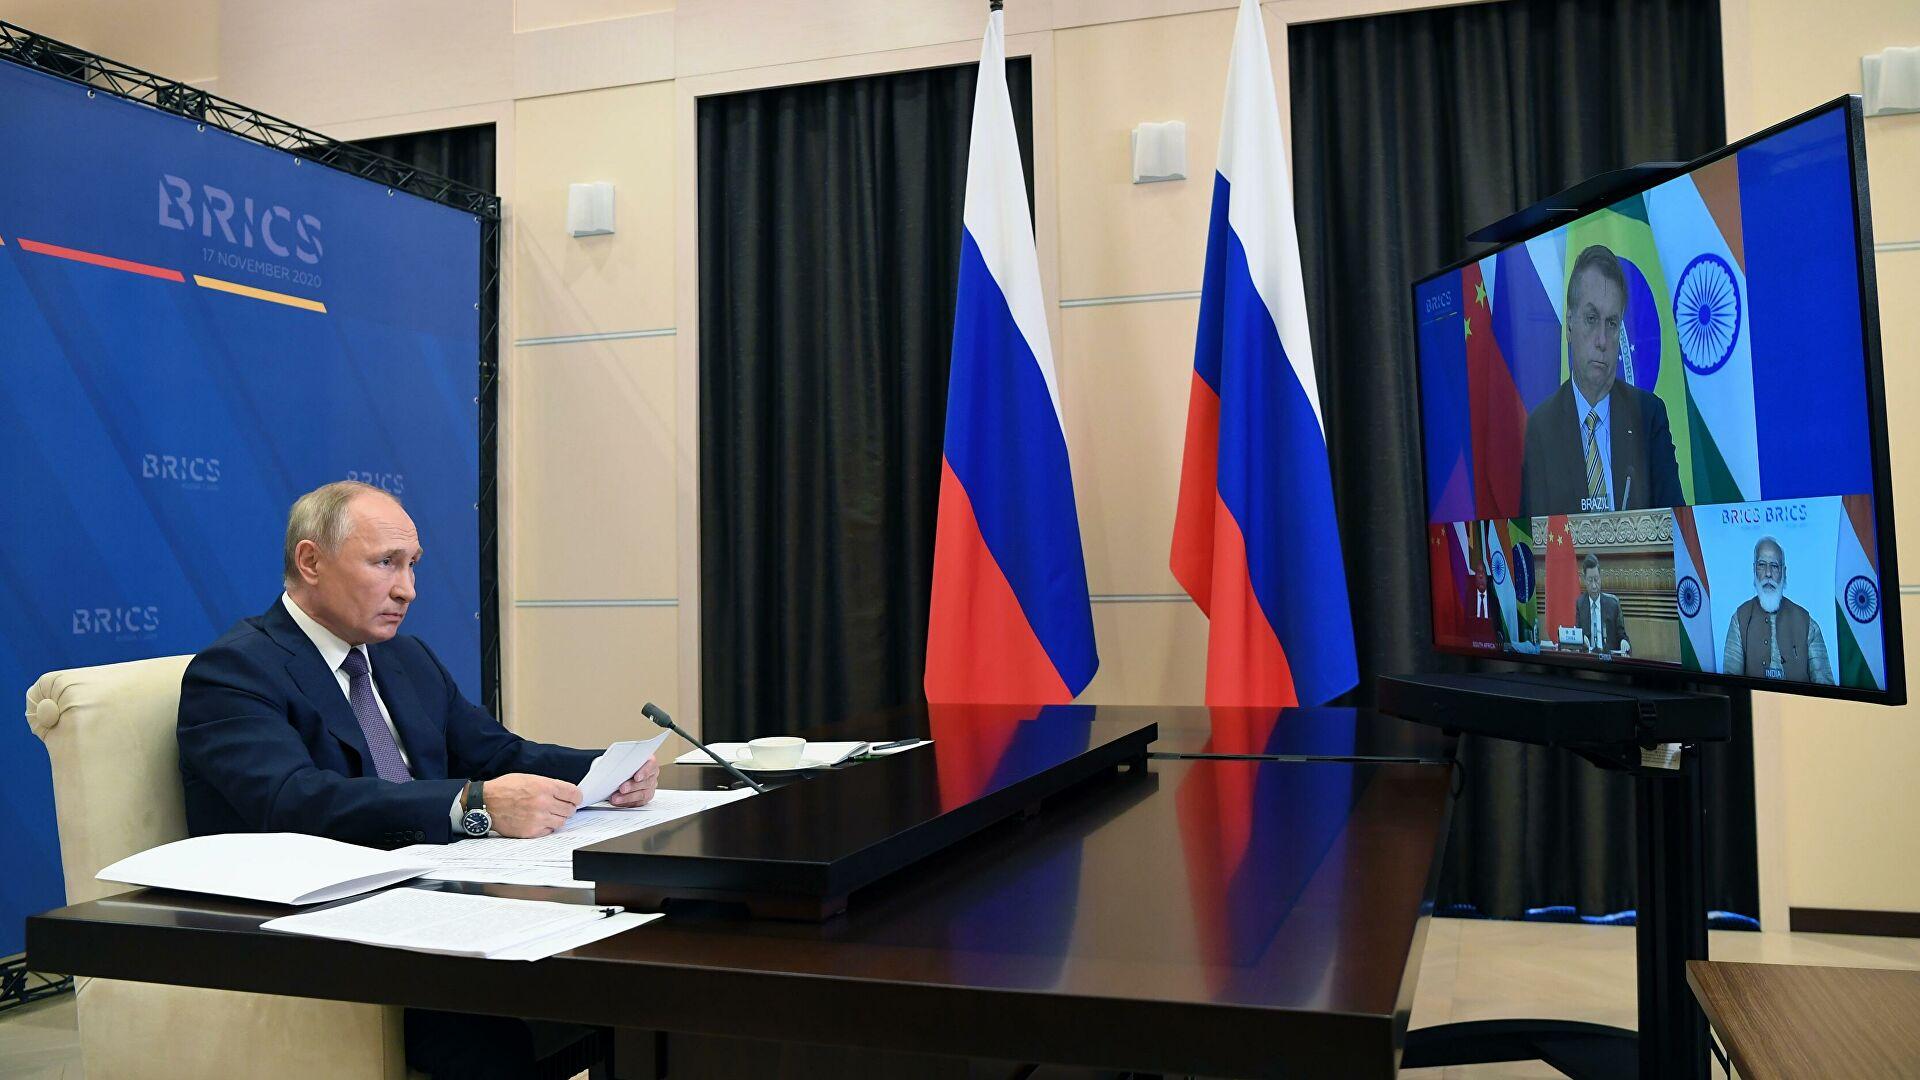 Лидери земаља БРИКС одобрили Московску декларацију, Антитерористичку стратегију и Стратегију економског партнерства